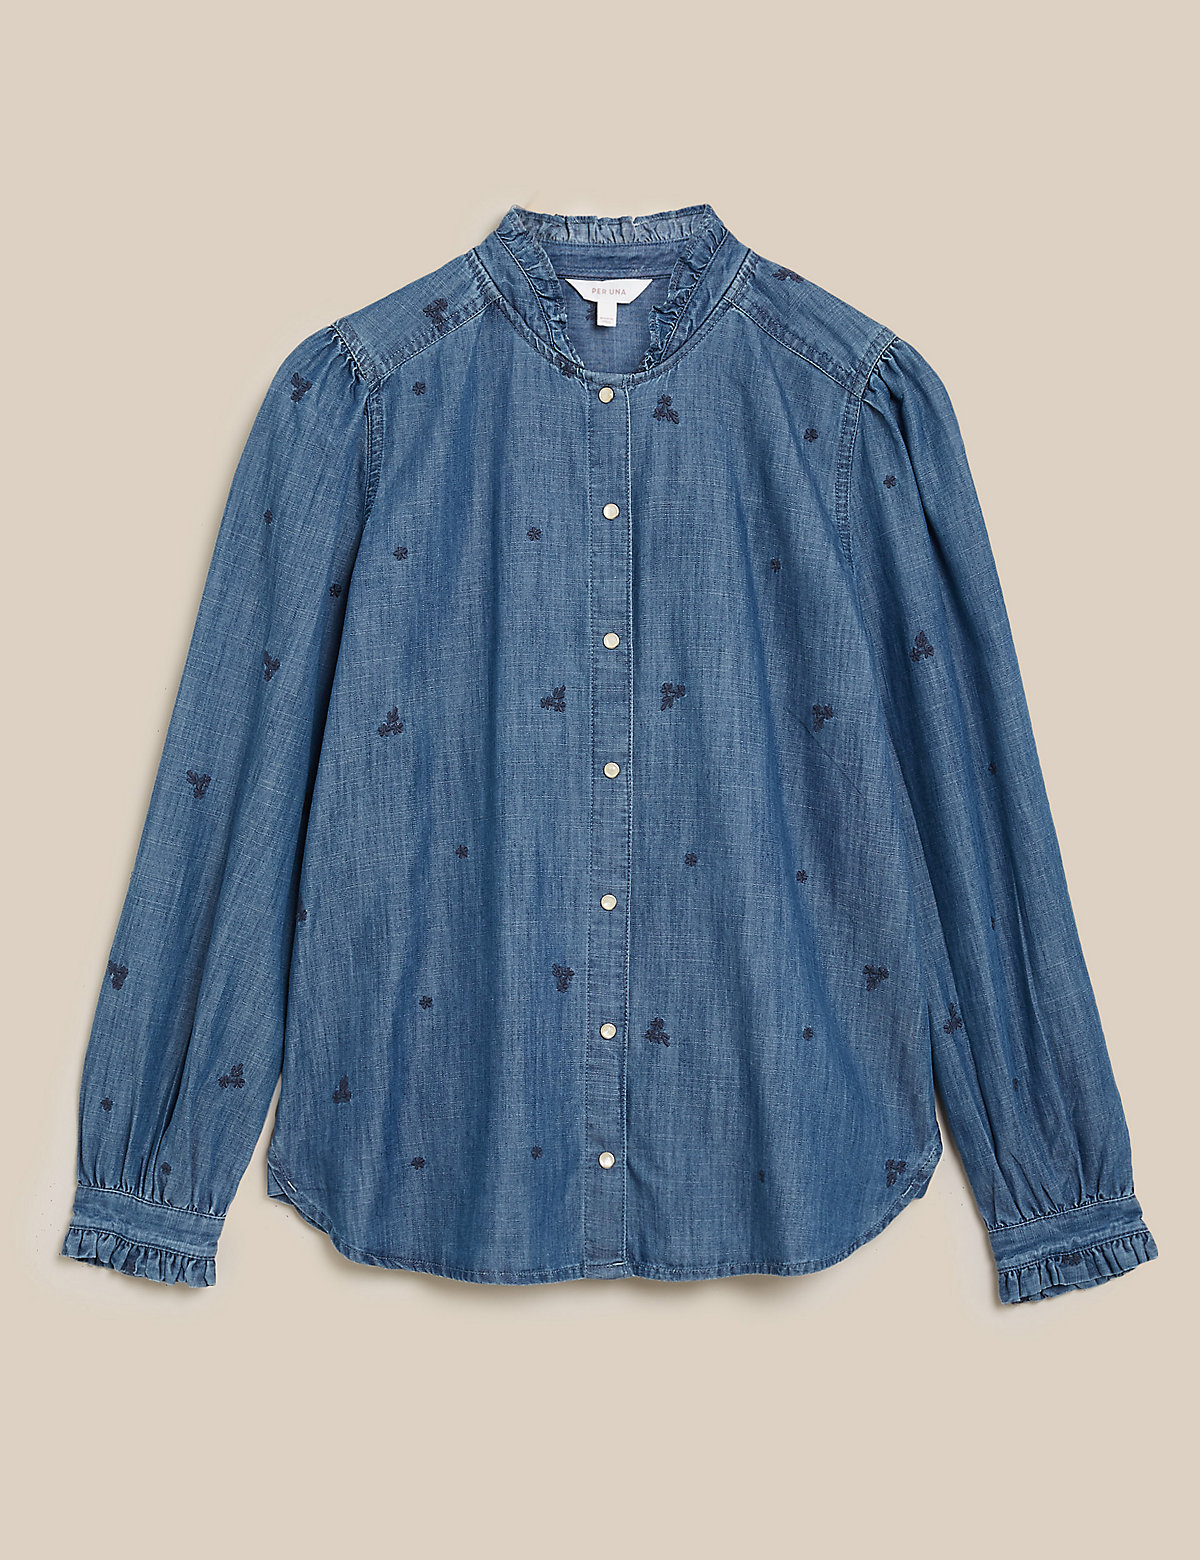 Джинсовая блузка Tencel ™ с вышивкой и оборками